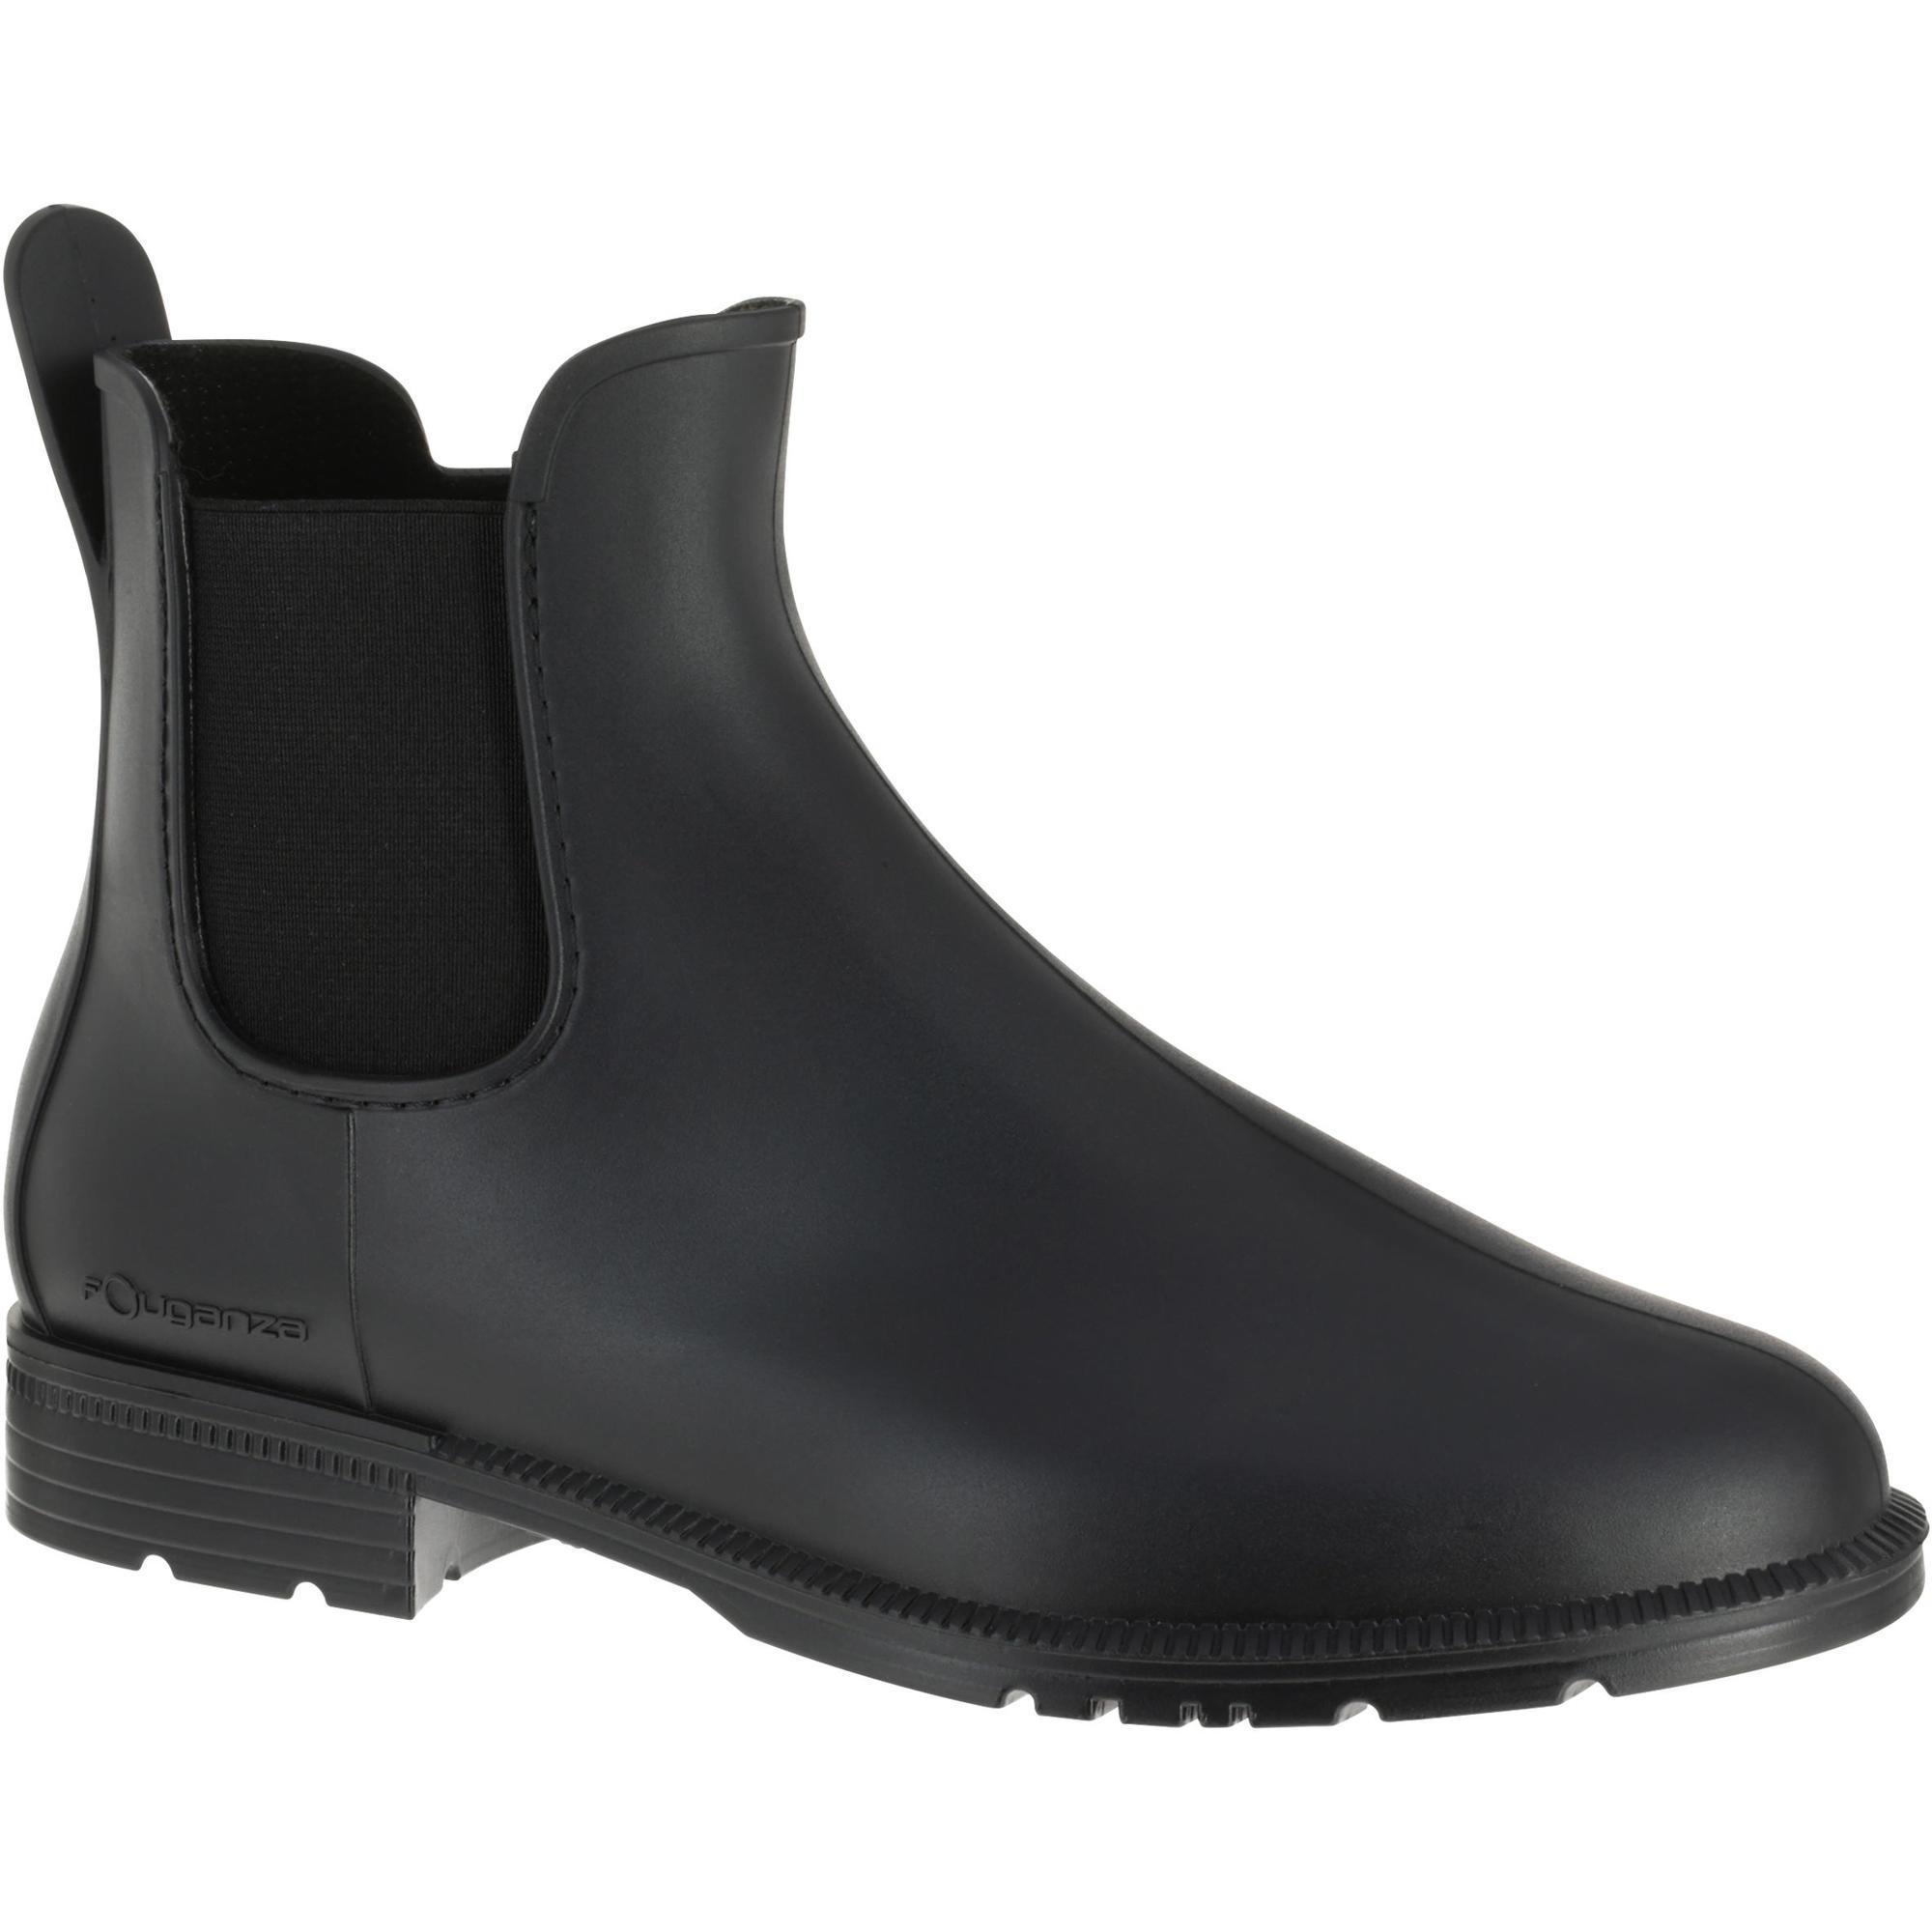 Reitstiefeletten Schooling Kinder und Erwachsene Gummischuhe schwarz   Schuhe > Sportschuhe > Reitstiefel   Schwarz   Fouganza